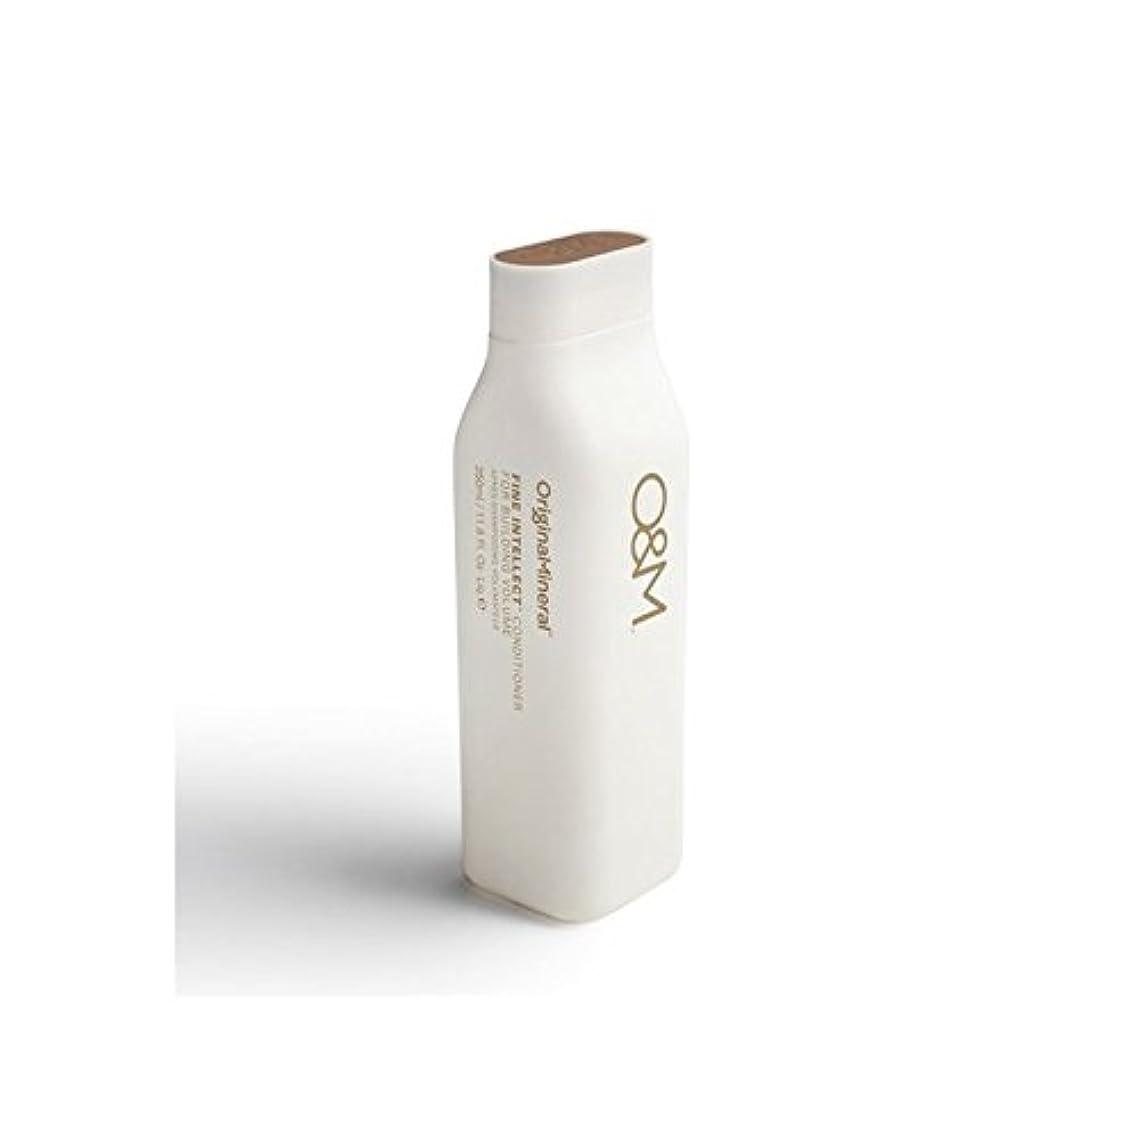 露出度の高い診断する凶暴なオリジナル&ミネラル細かい知性コンディショナー(350ミリリットル) x2 - Original & Mineral Fine Intellect Conditioner (350ml) (Pack of 2) [並行輸入品]